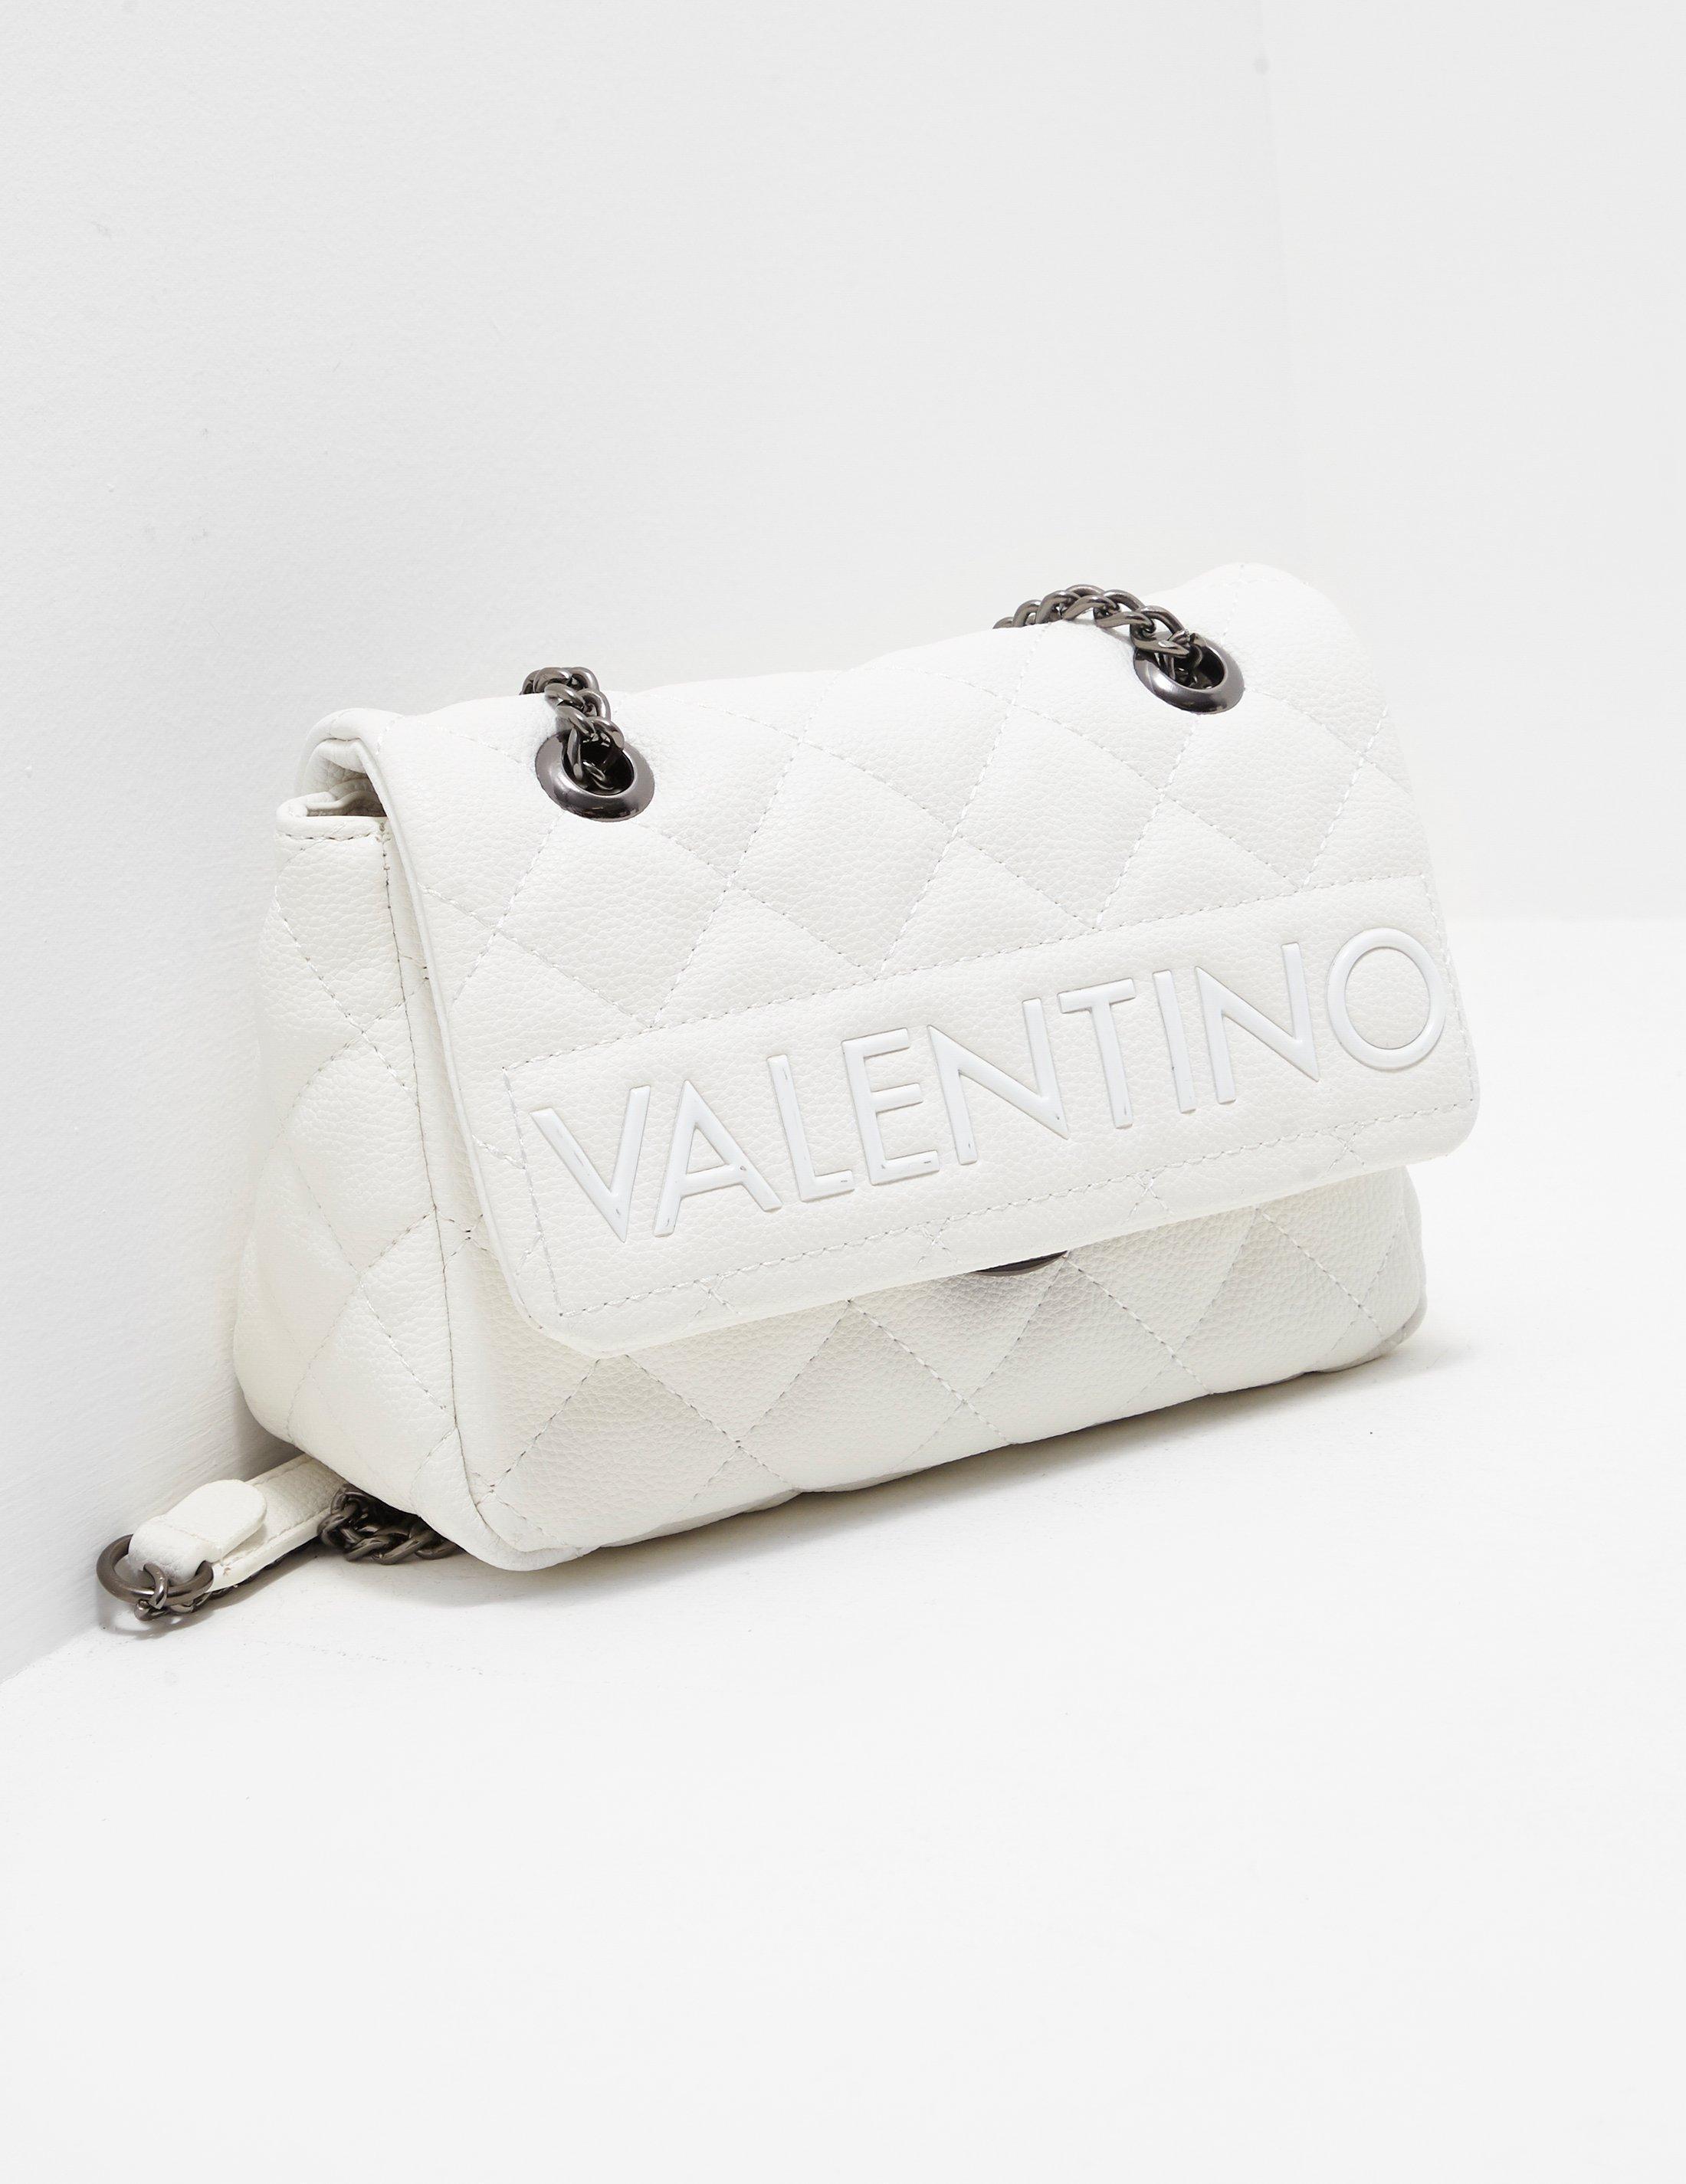 ac01da445f1 Valentino By Mario Valentino Licia Quilted Cross Body Bag White in ...